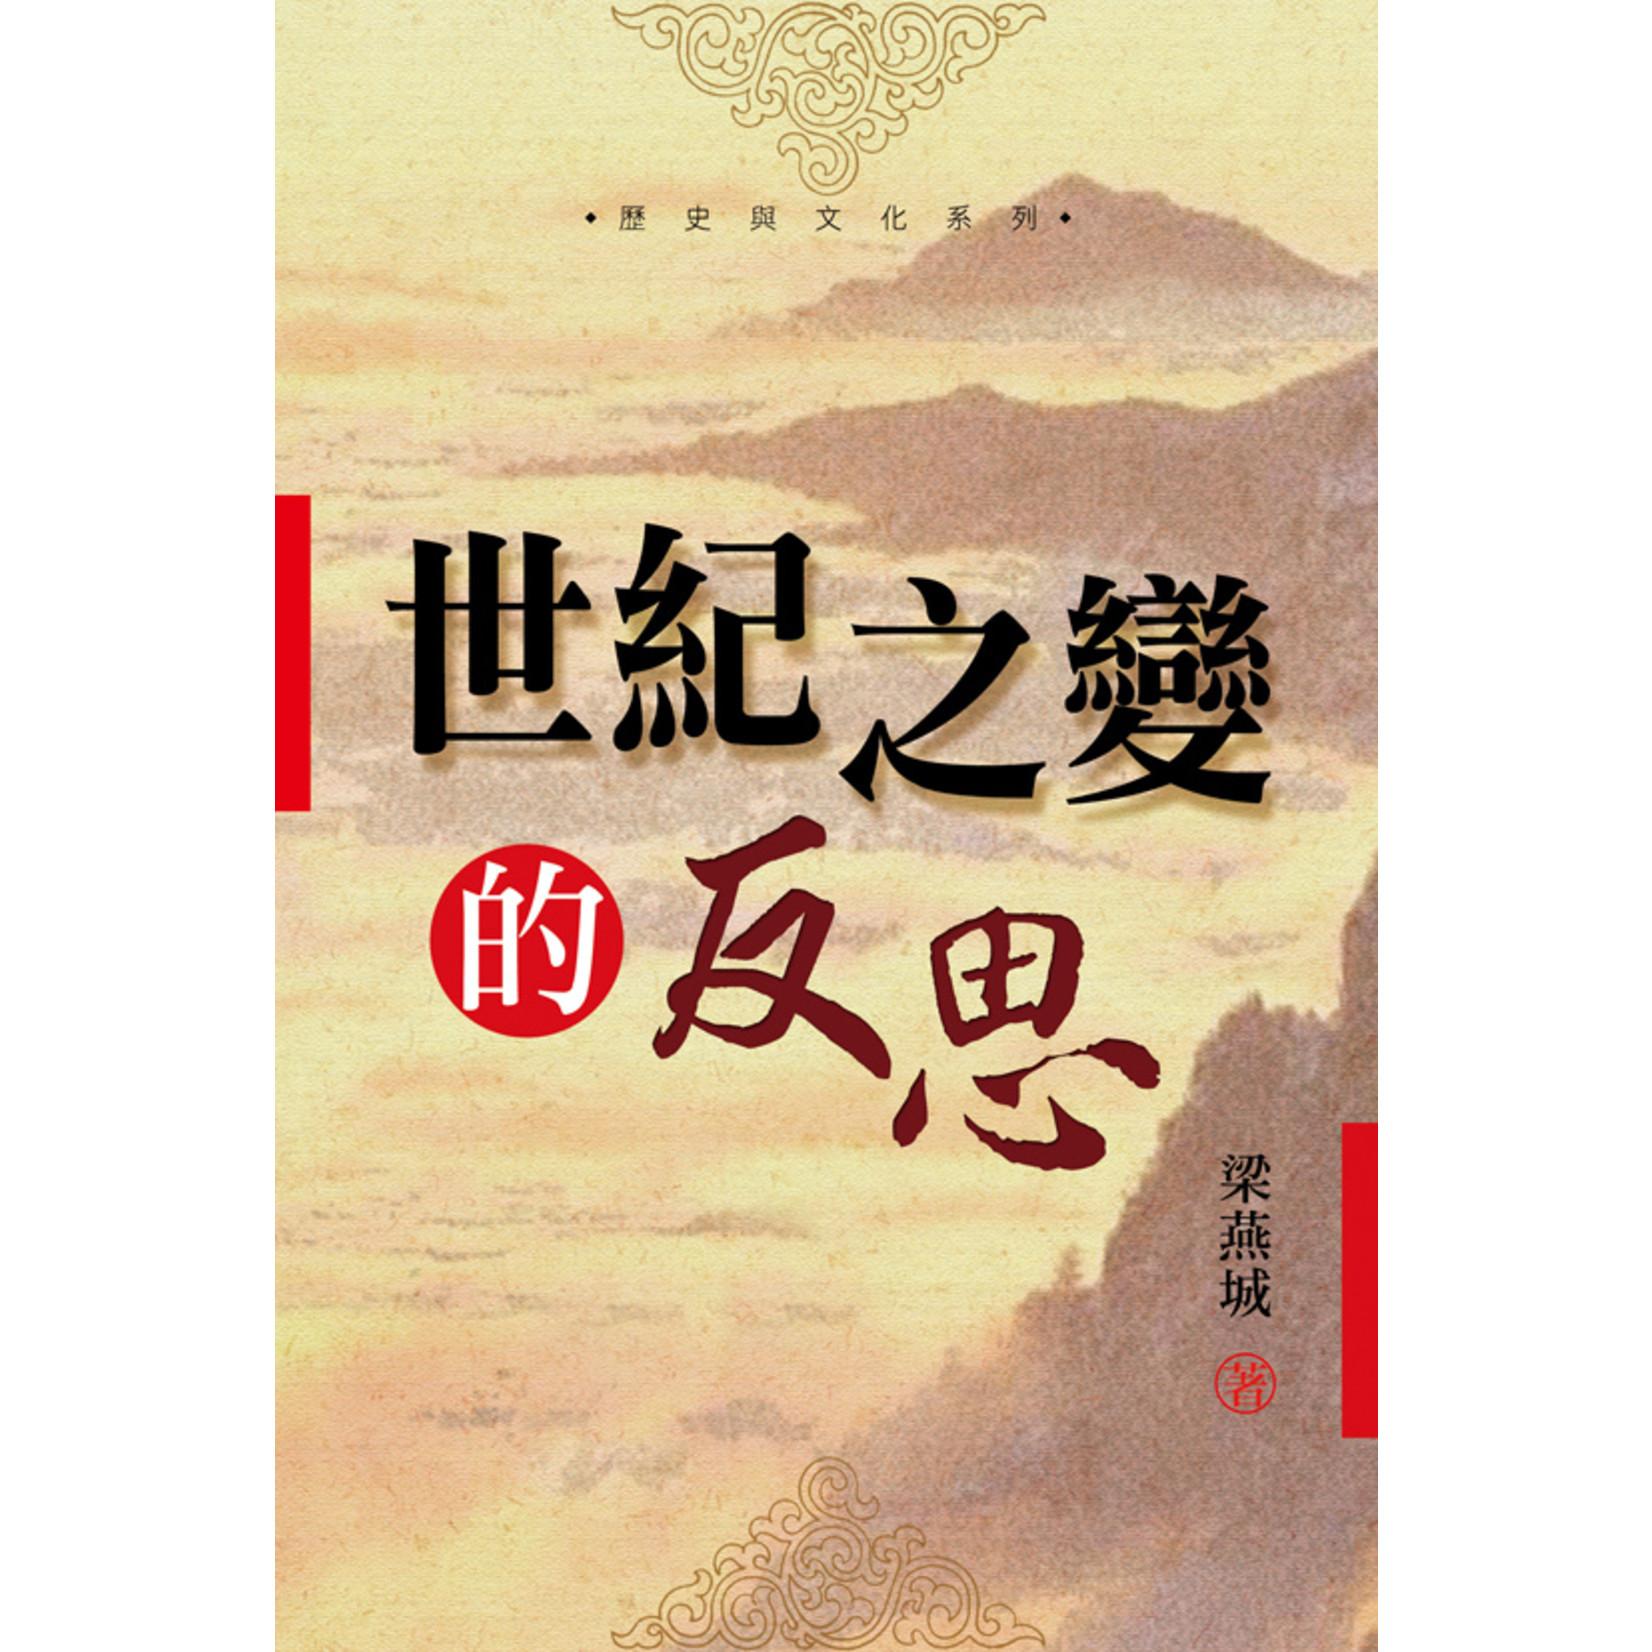 天道書樓 Tien Dao Publishing House 世紀之變的反思